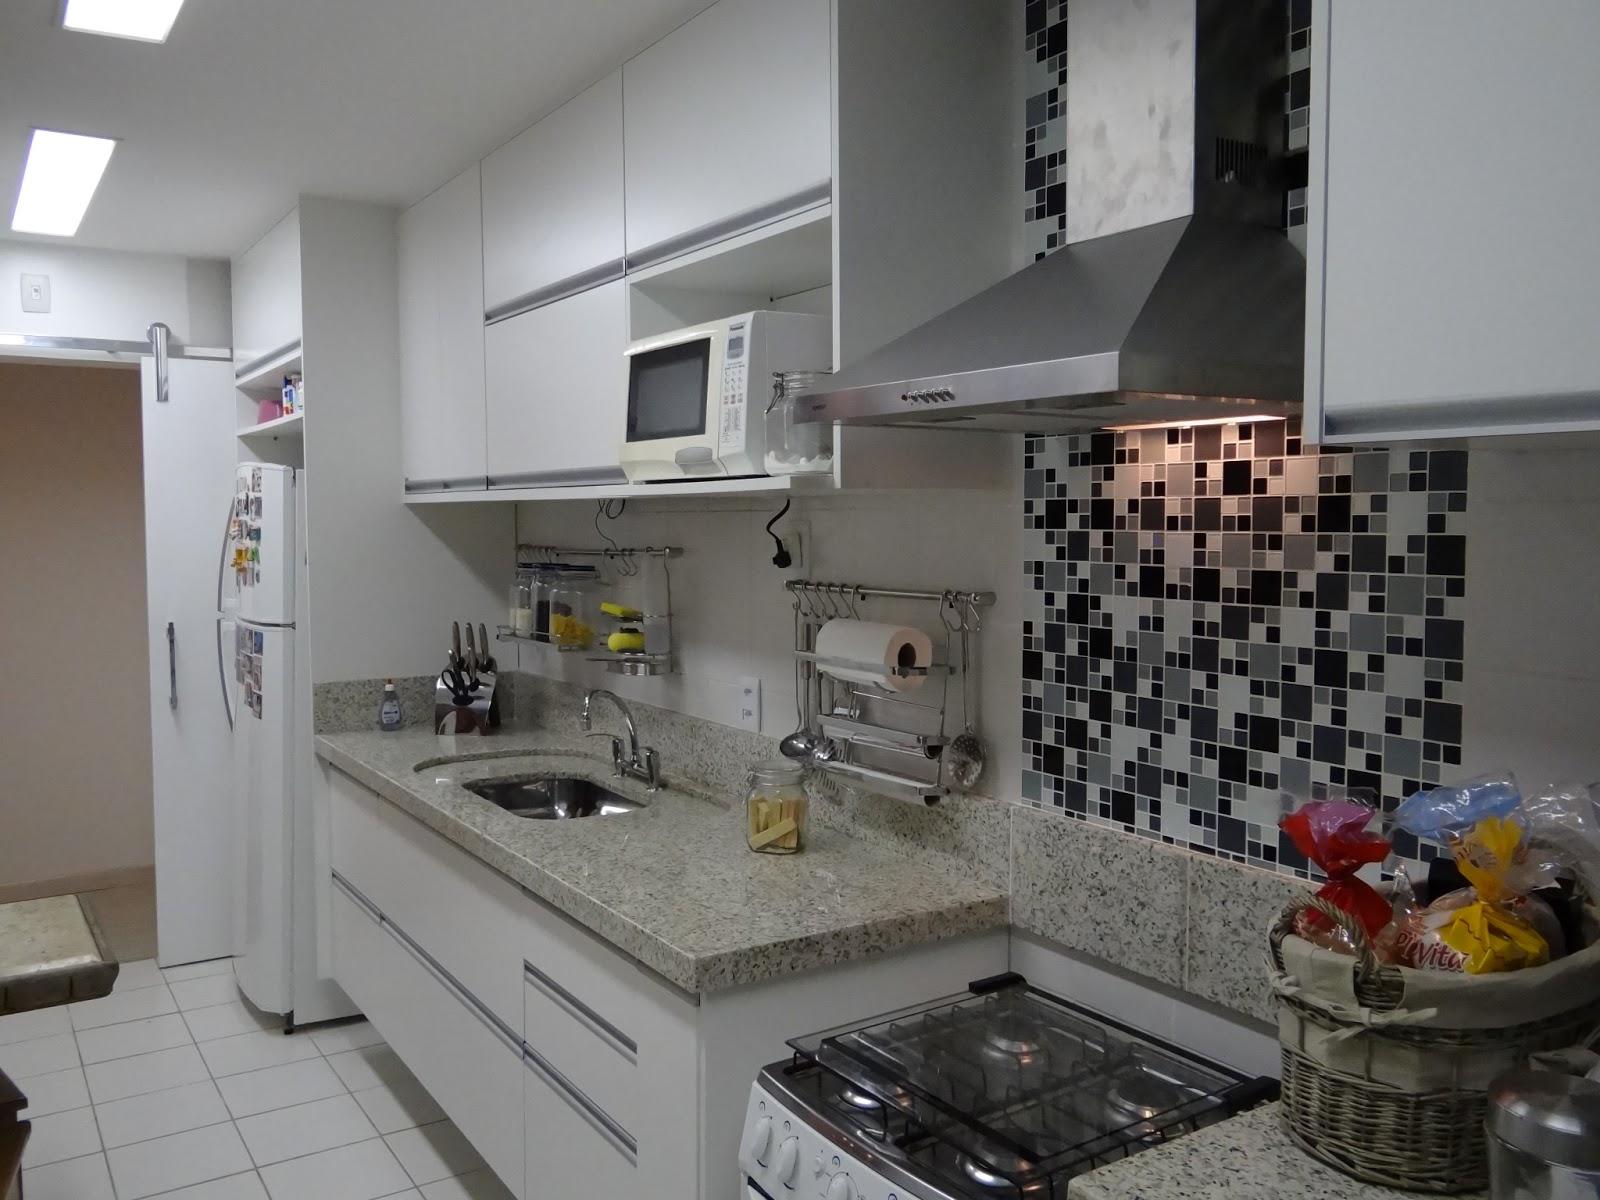 Voc Precisa Decor Arquivo Decor Cozinha Linear Voc Precisa  ~ Bancada Divisoria Sala Cozinha